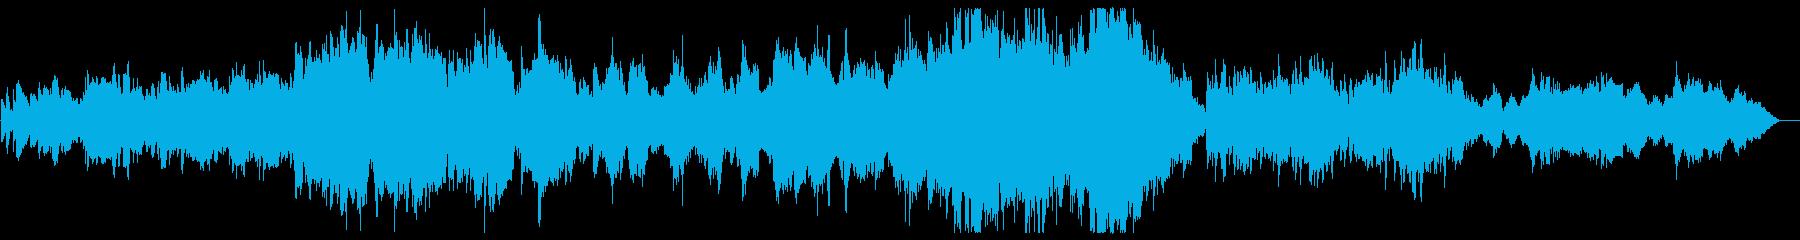 美しい滑らかなピアノの曲の再生済みの波形